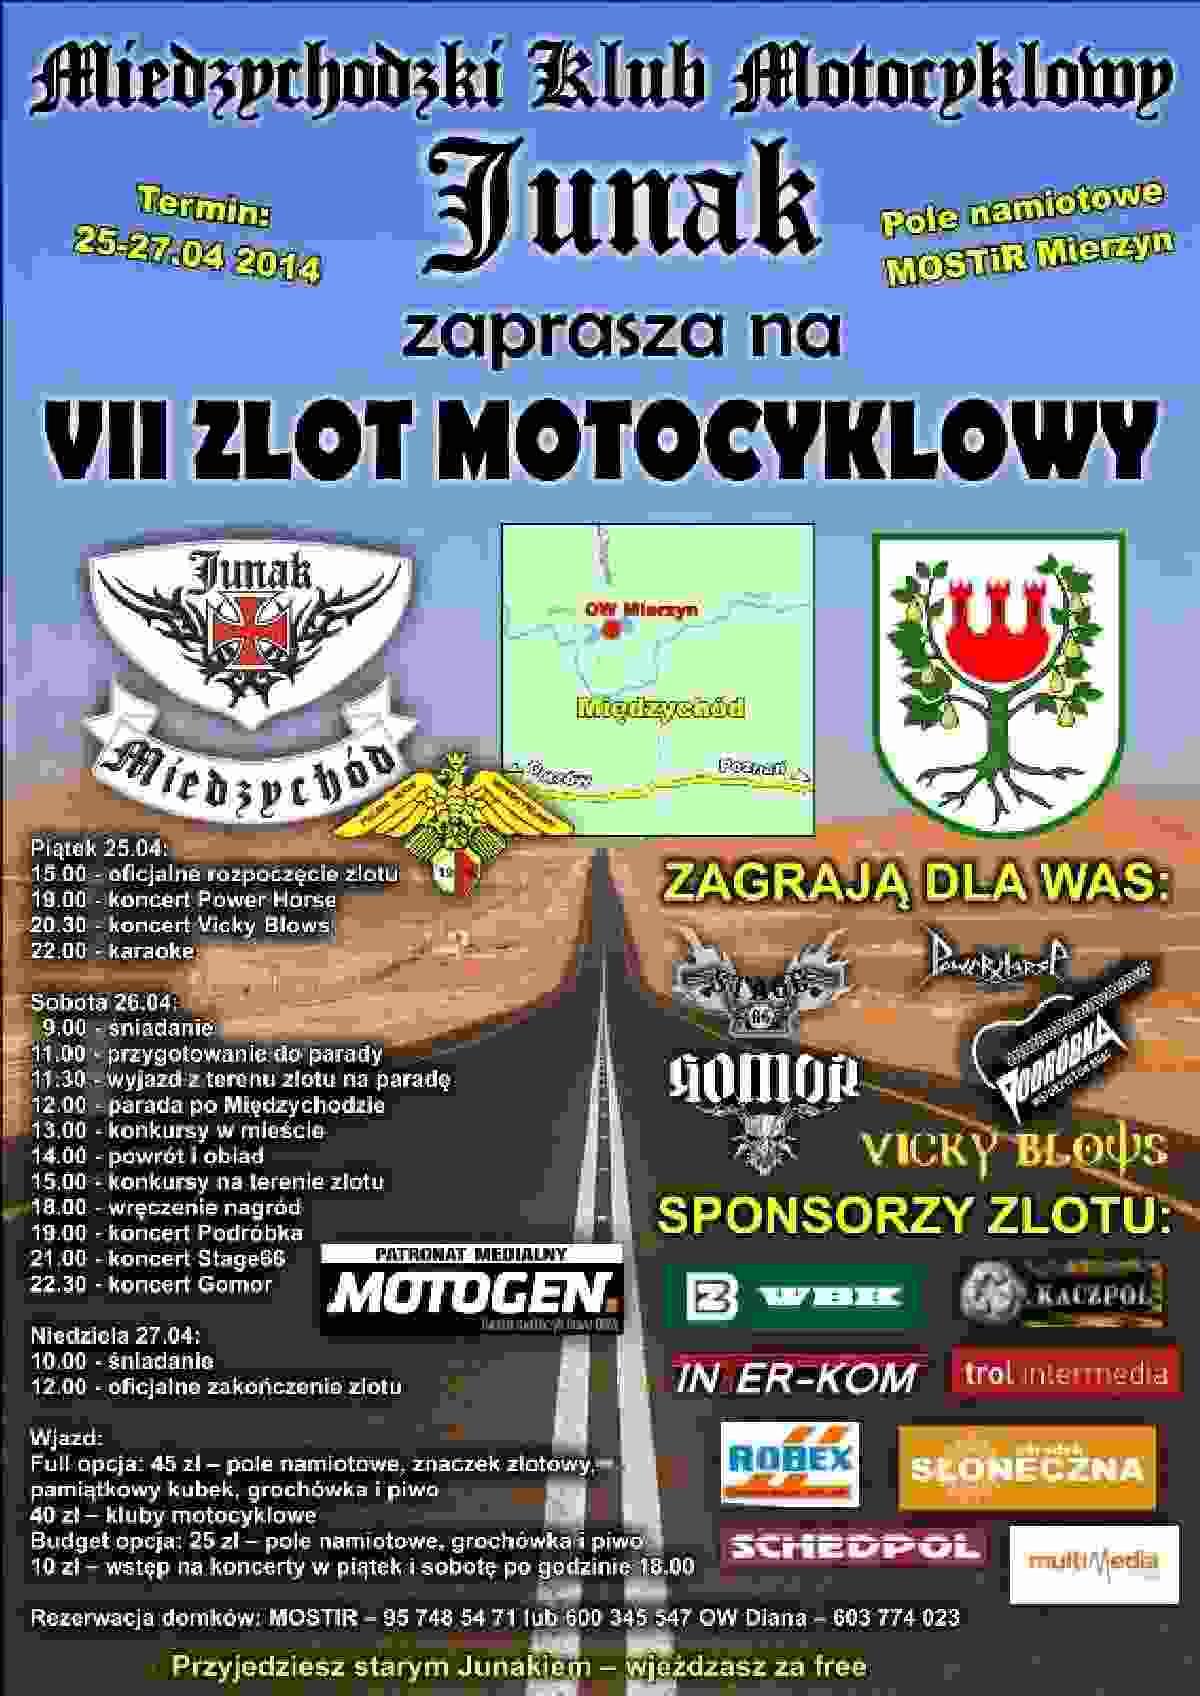 VII Zlot MKM JUNAK Międzychód